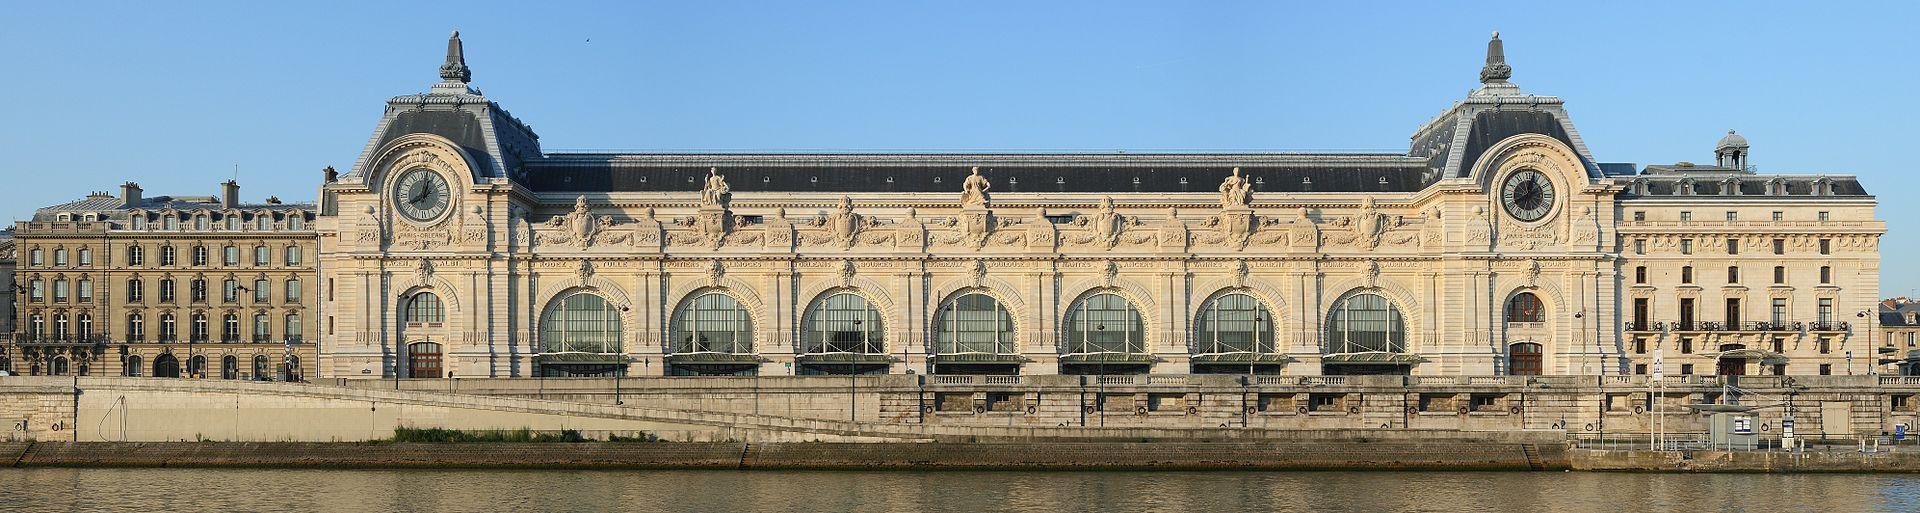 พิพิธภัณฑ์ออร์เซย์ -ริมเเม่น้ำ